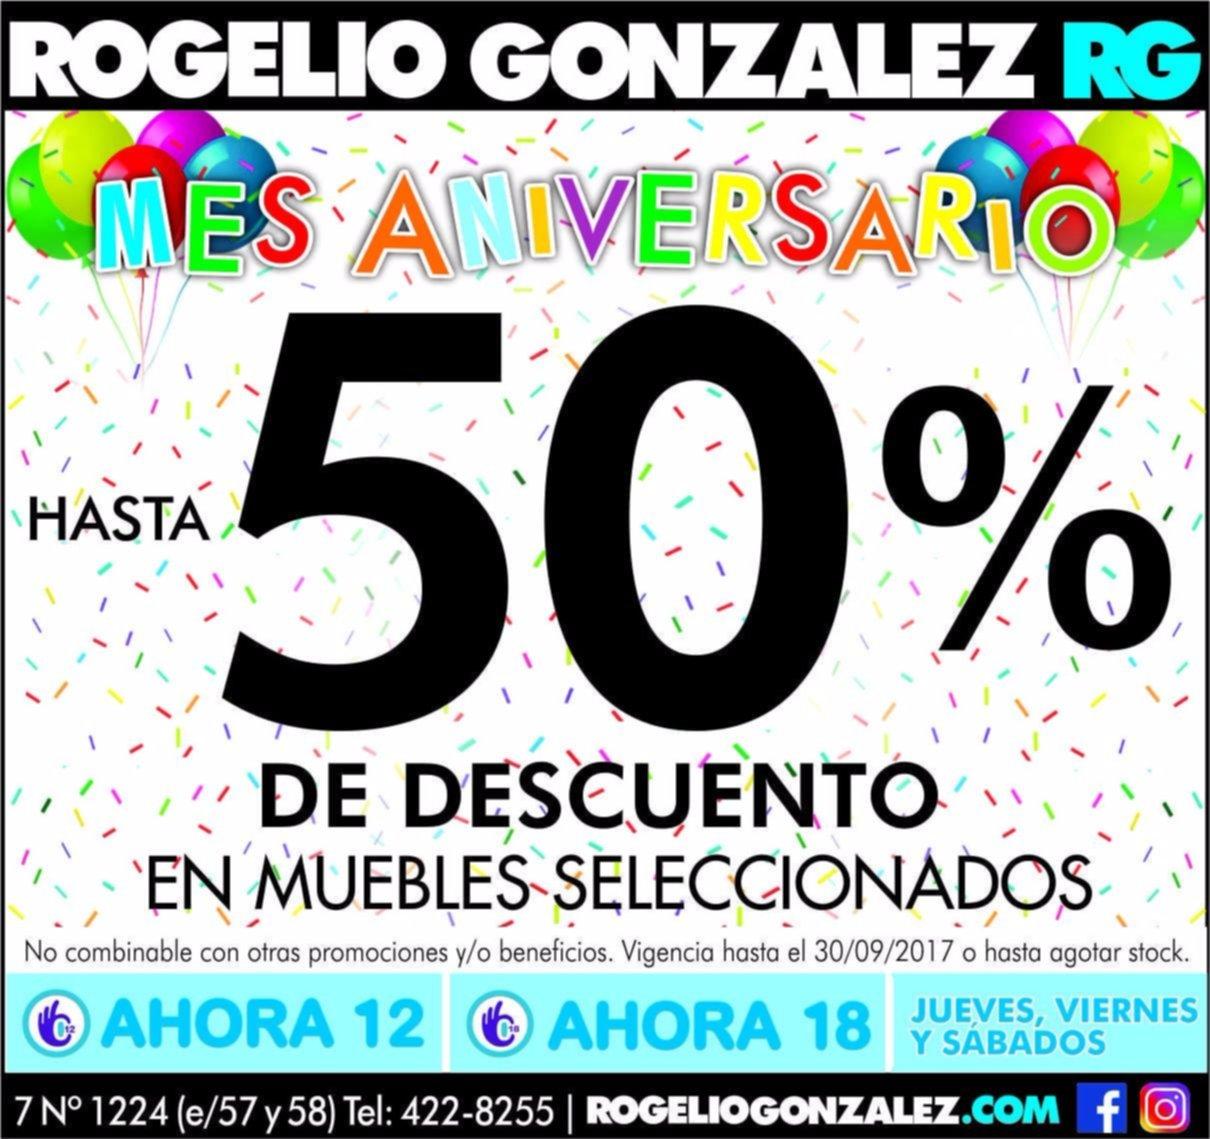 Rogelio Gonzalez festeja su aniversario con hasta un 50% de descuento